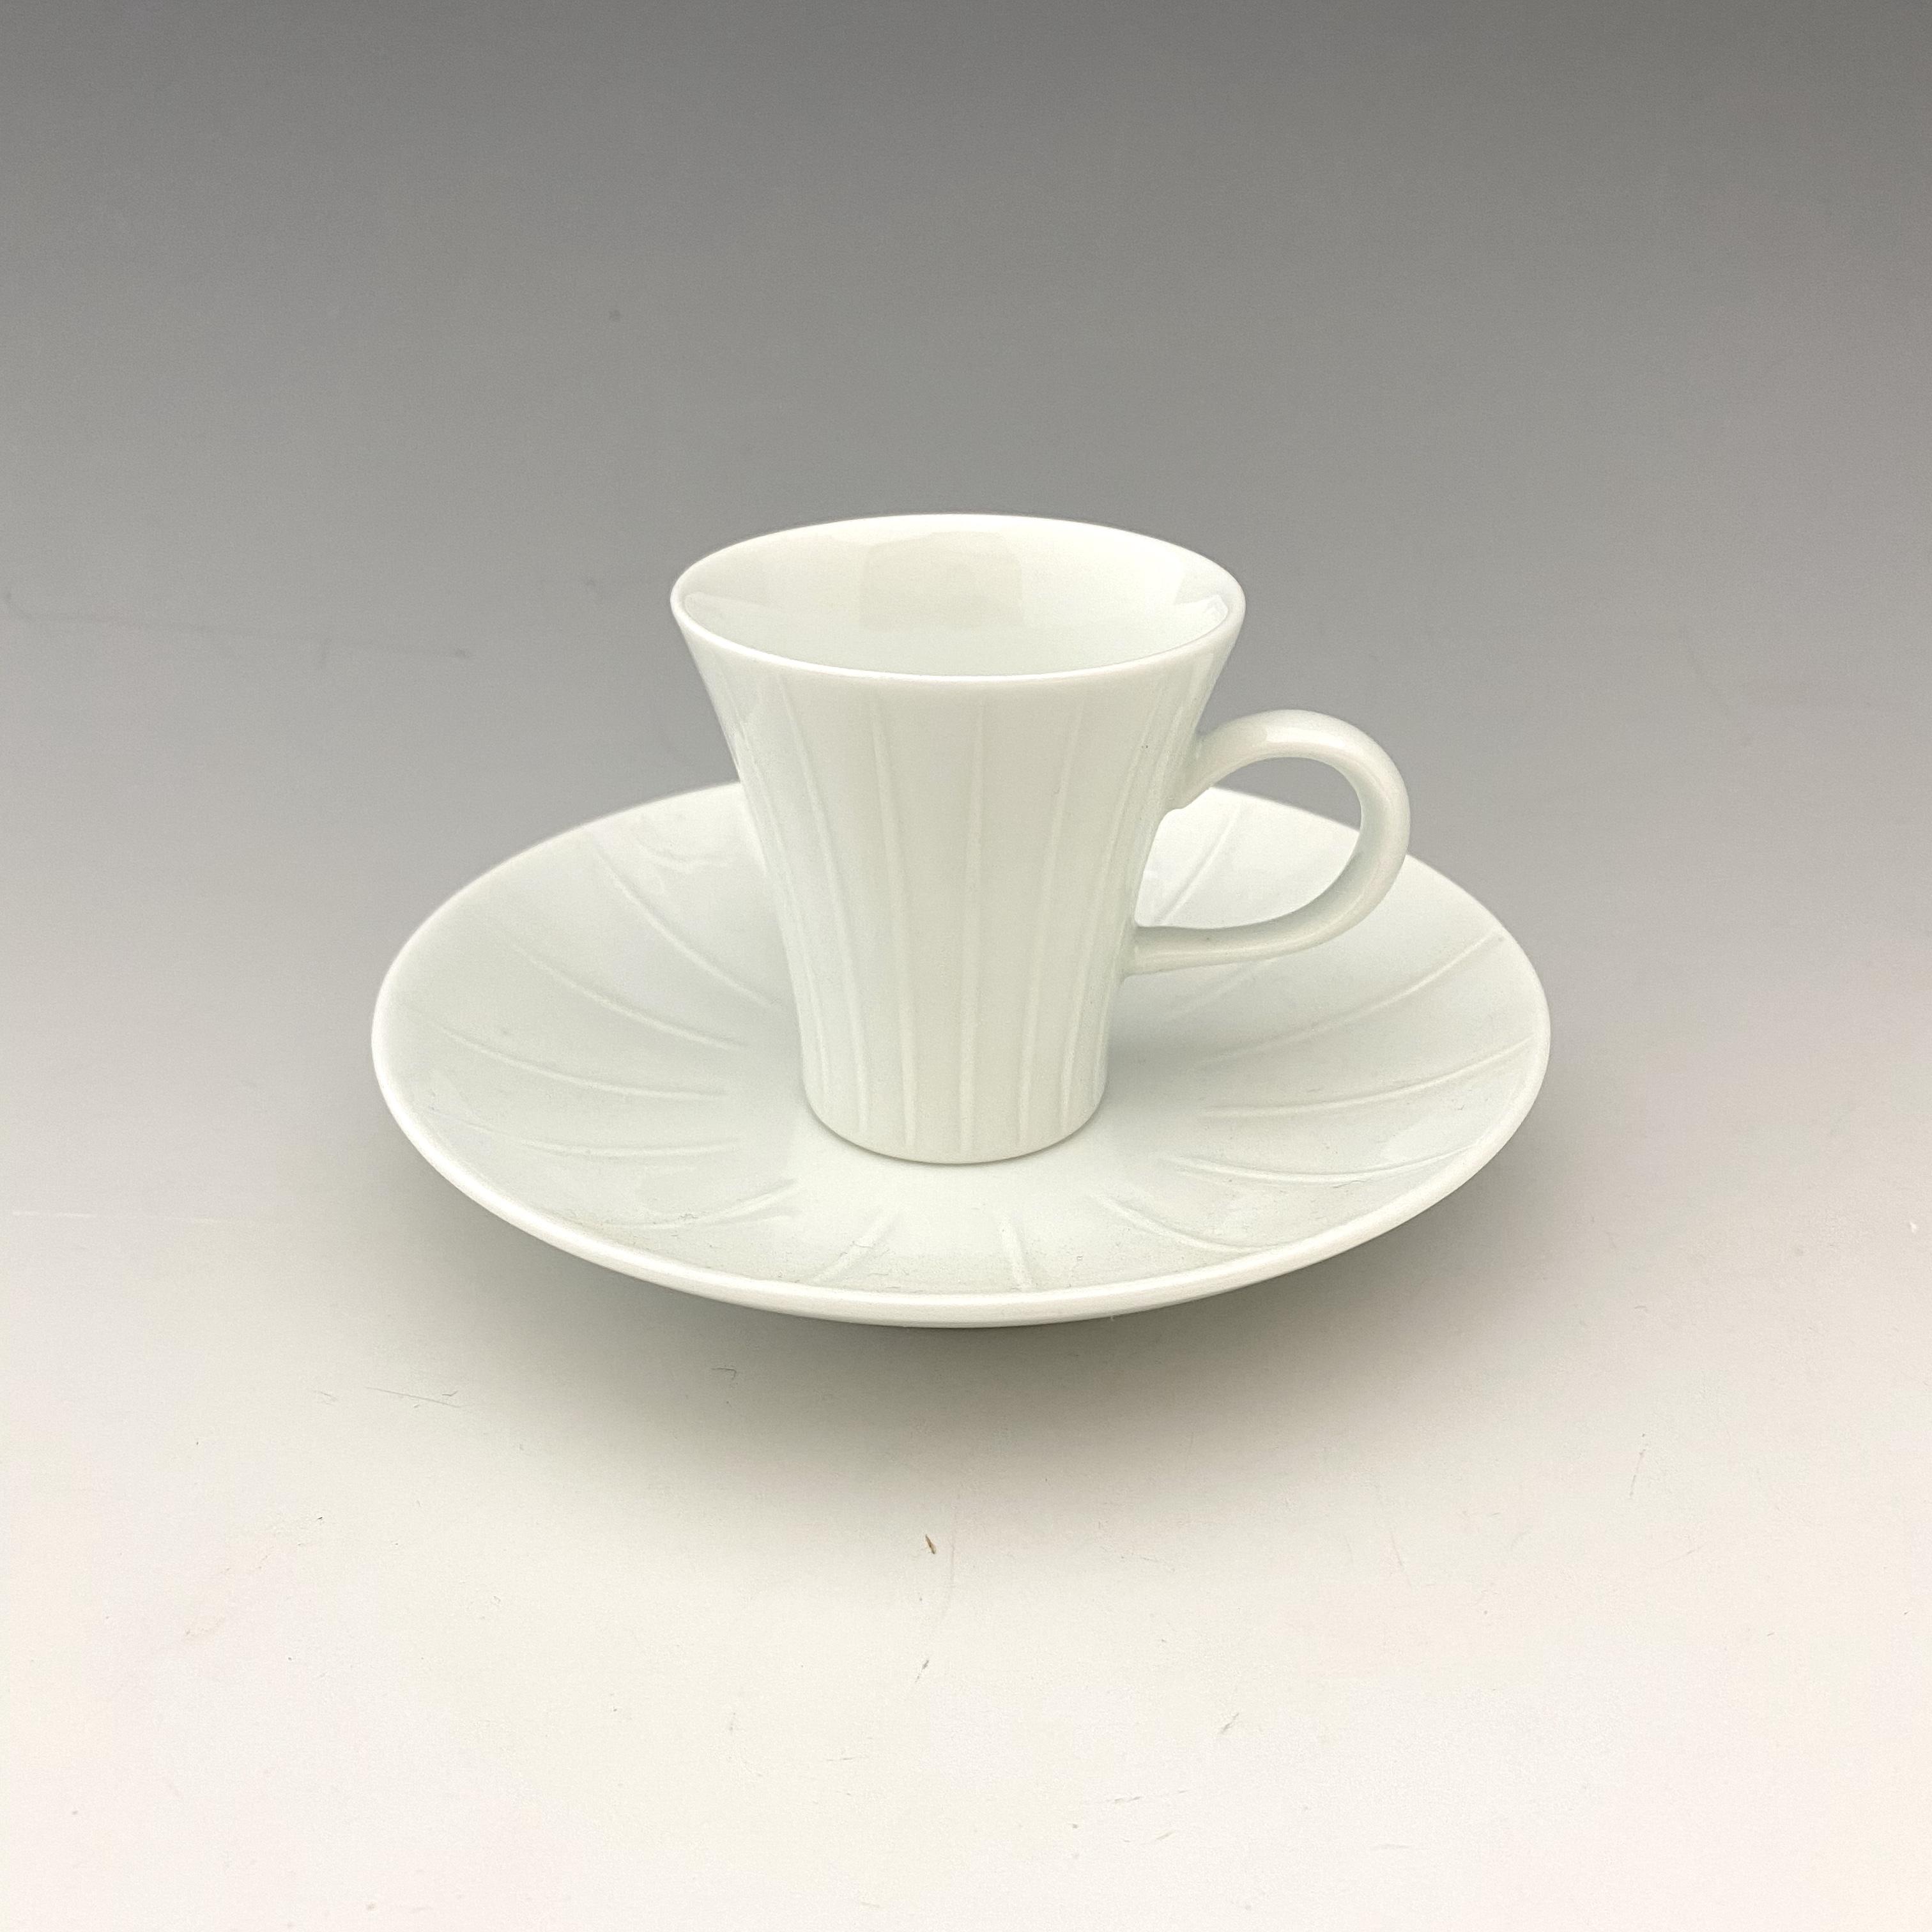 【中尾恭純】白磁線彫エスプレッソ碗皿(小)